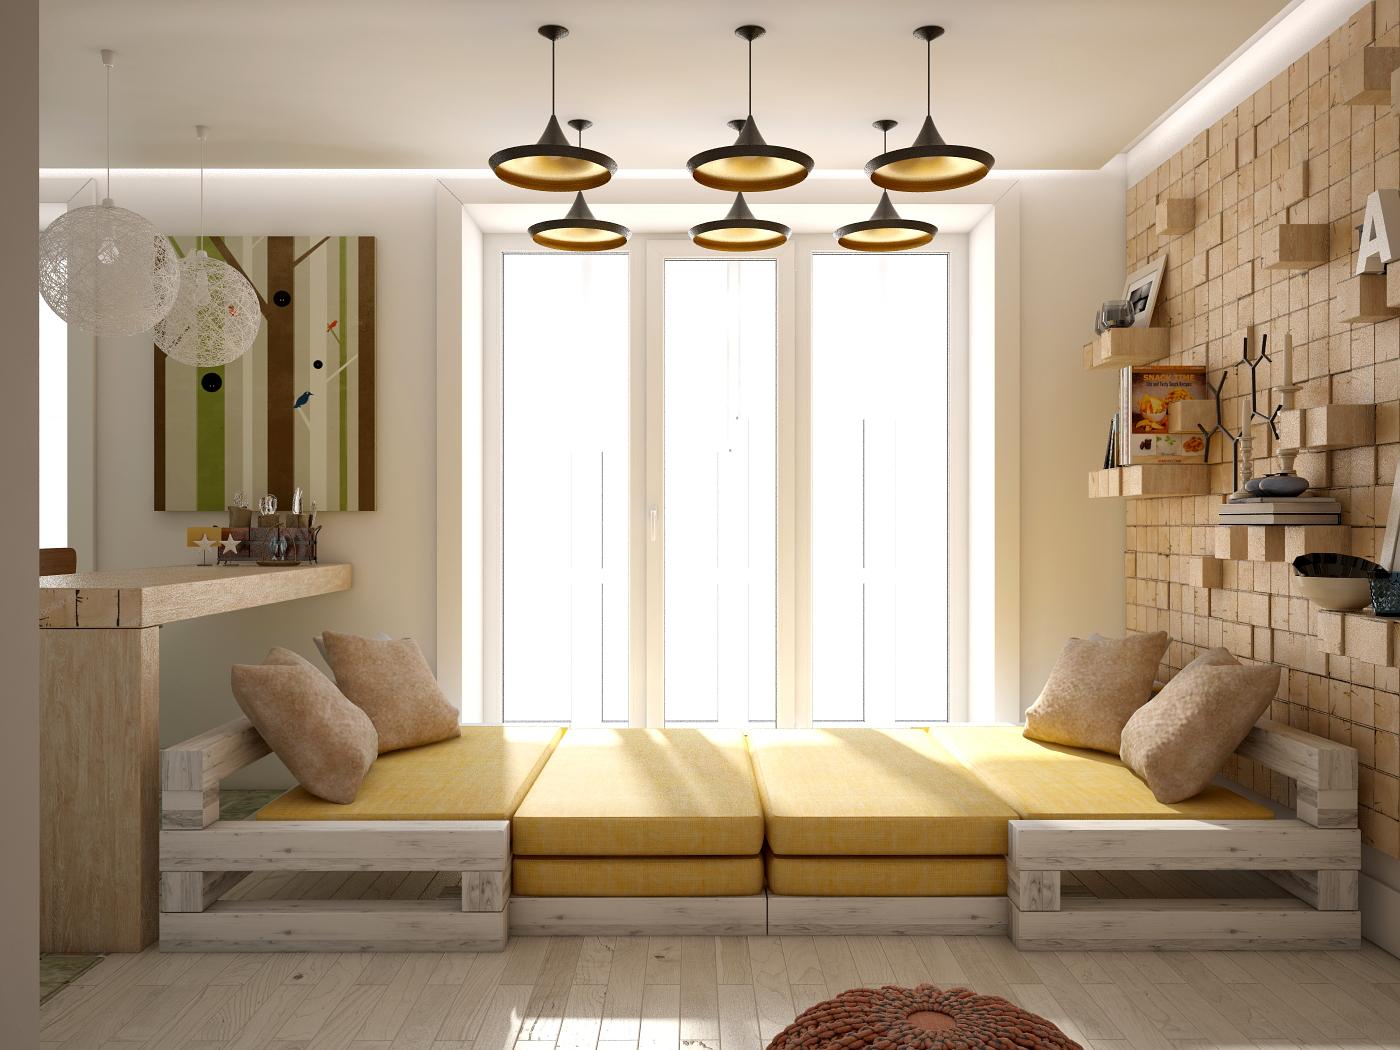 10 лучших идей, что можно сделать для дома 26